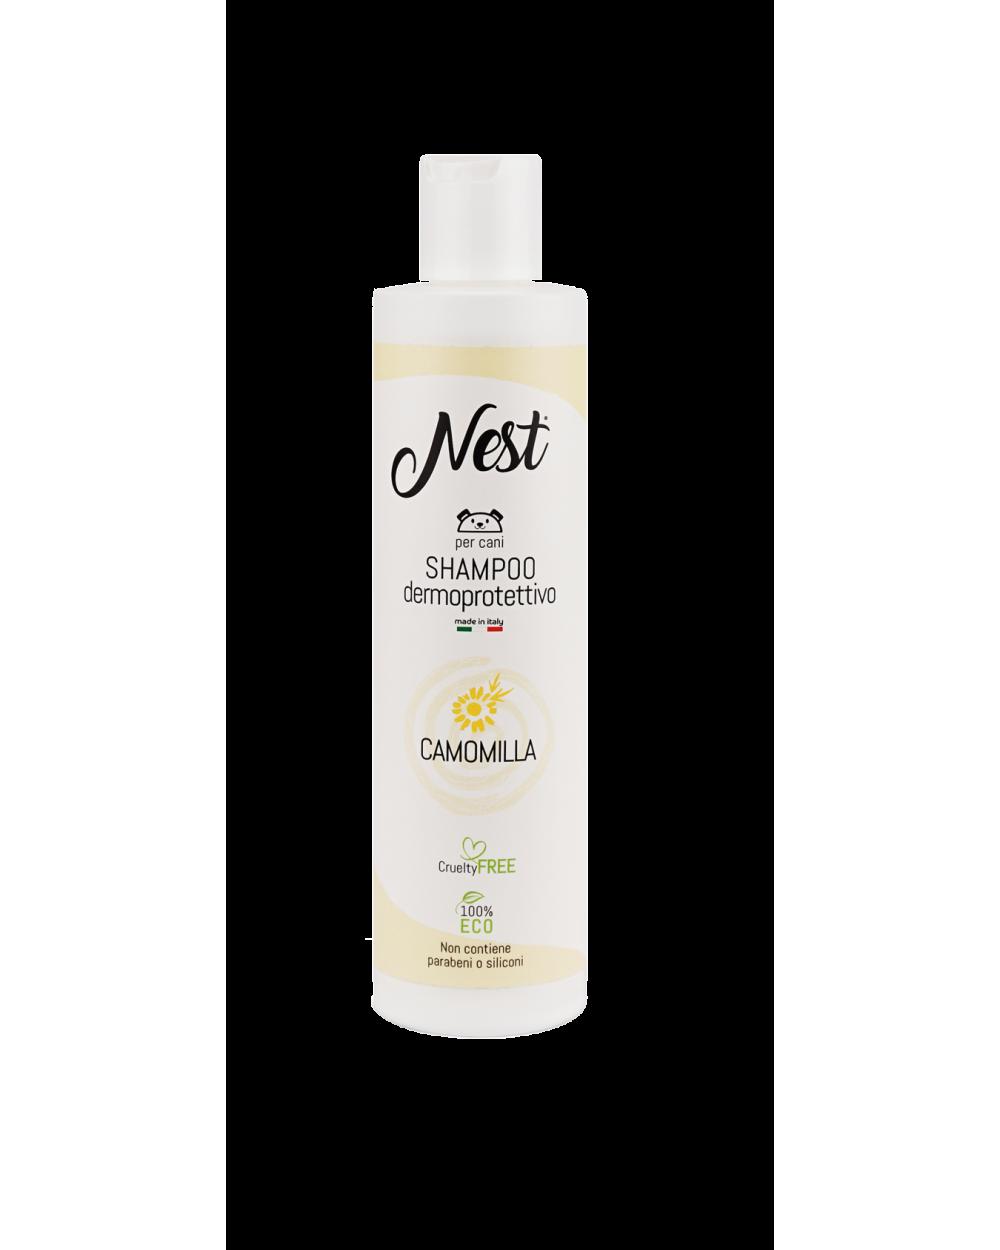 Nest Shampoo per Cani Dermoprotettivo 250 ml